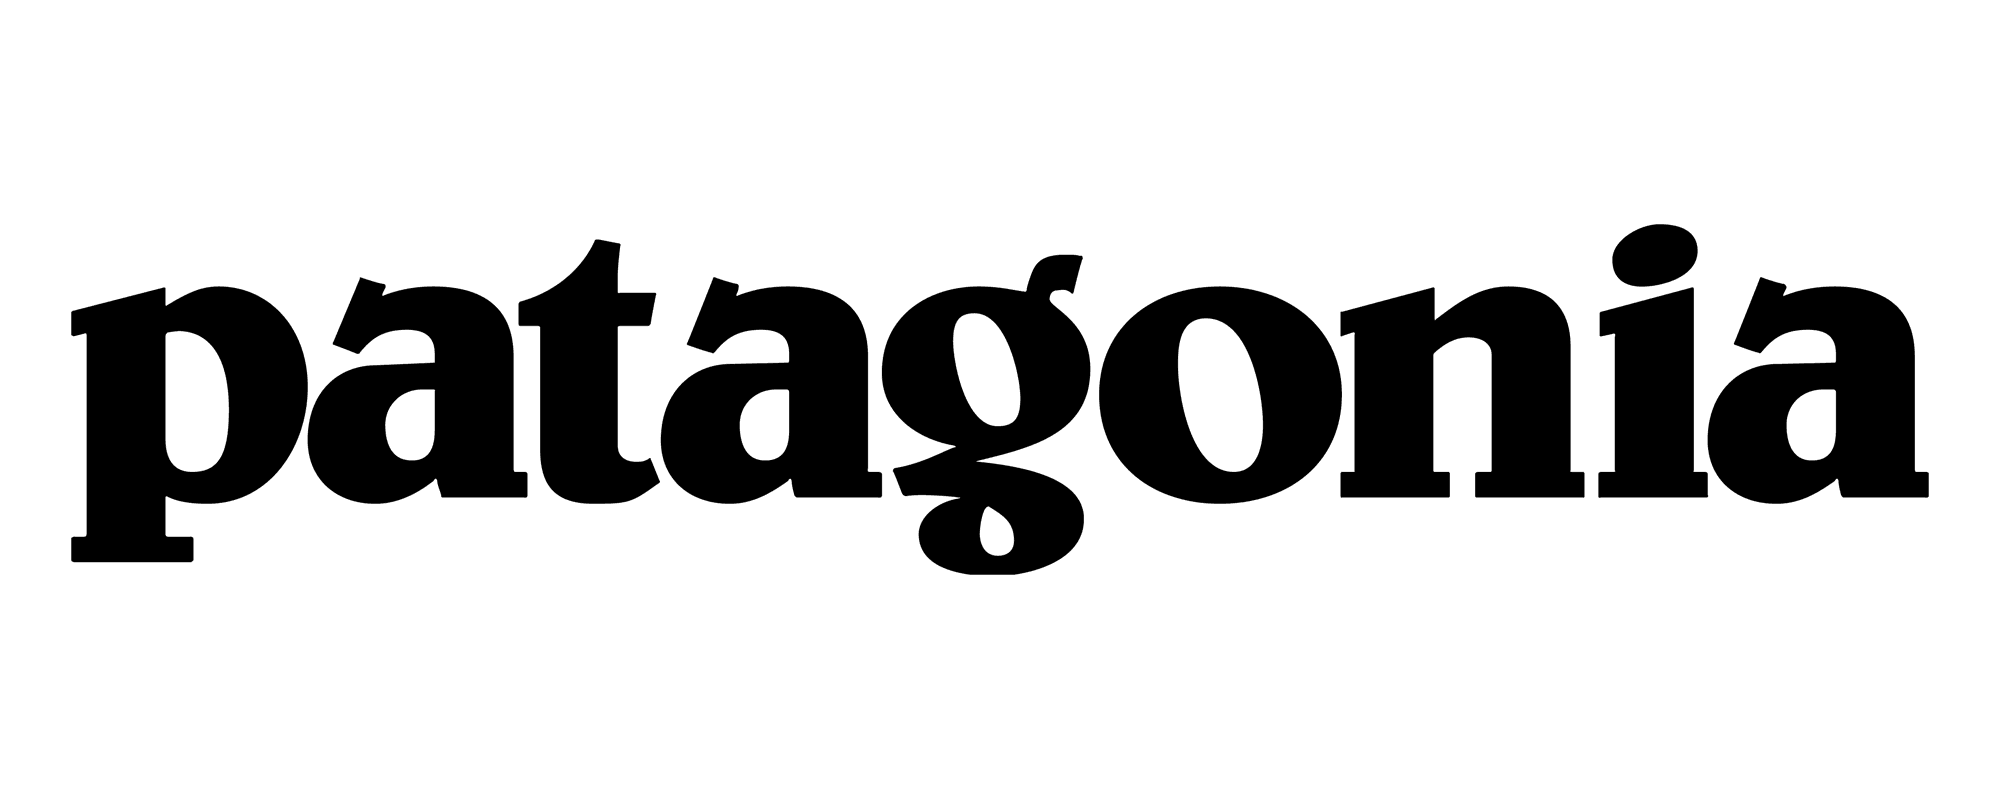 Patagonia thumbnail